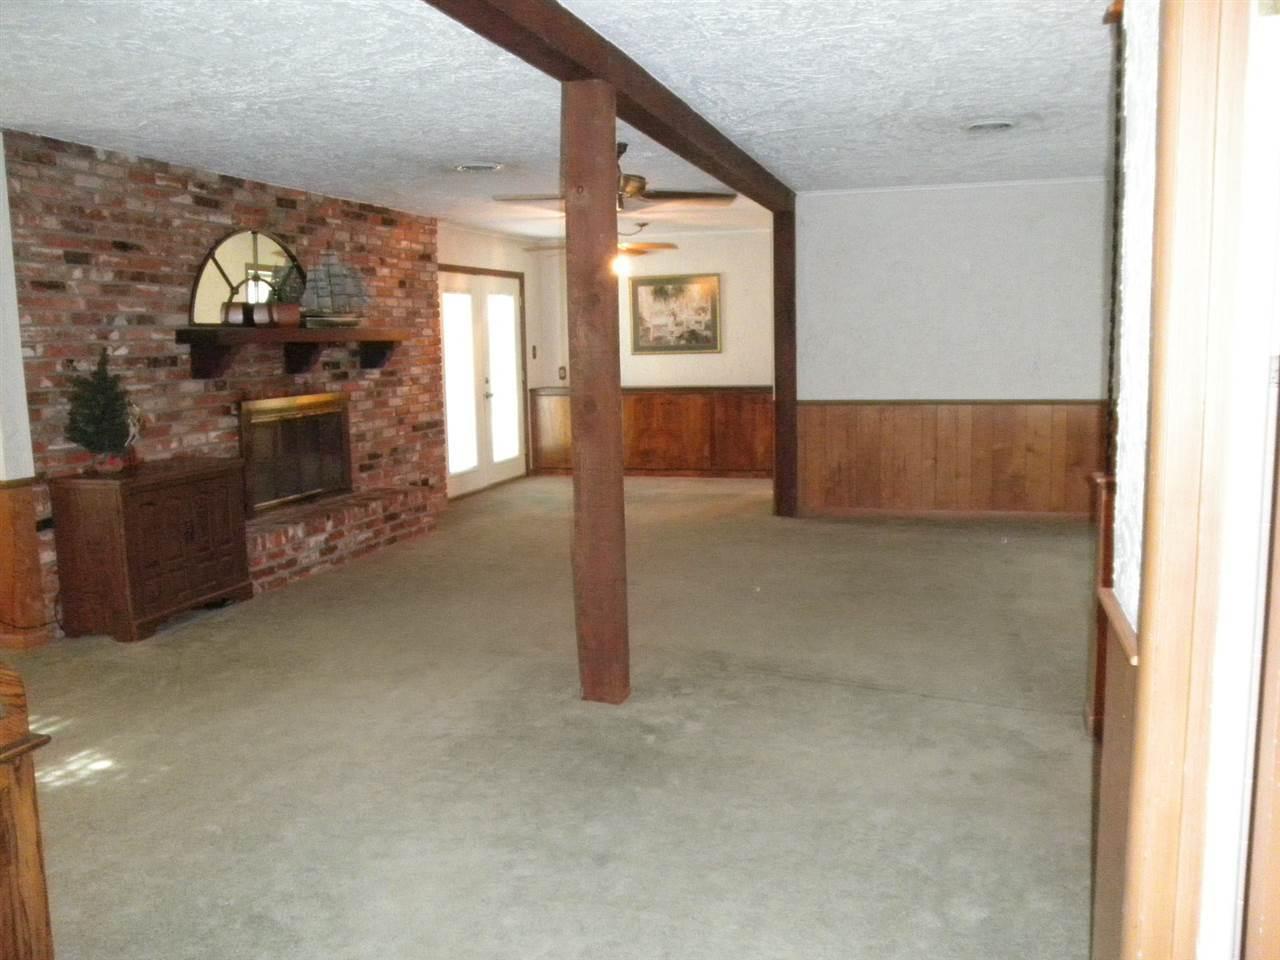 Sold Cross Sale W/ MLS | 1227 S Main  Blackwell, OK 74631 3